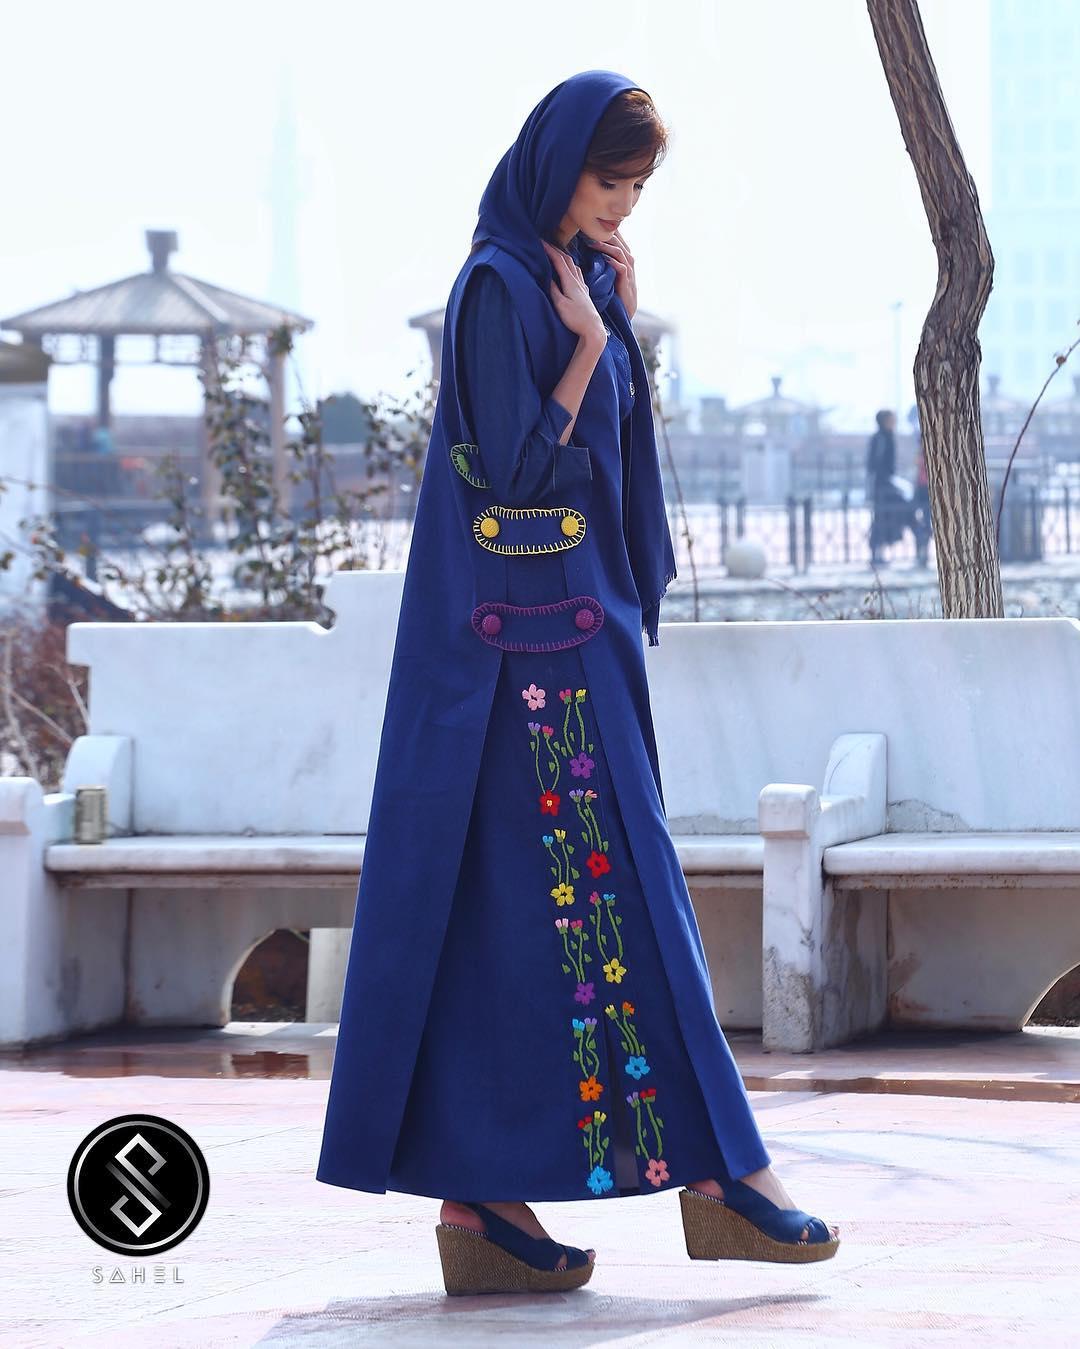 مدل مانتو تابستانی دخترانه با گل دوزی